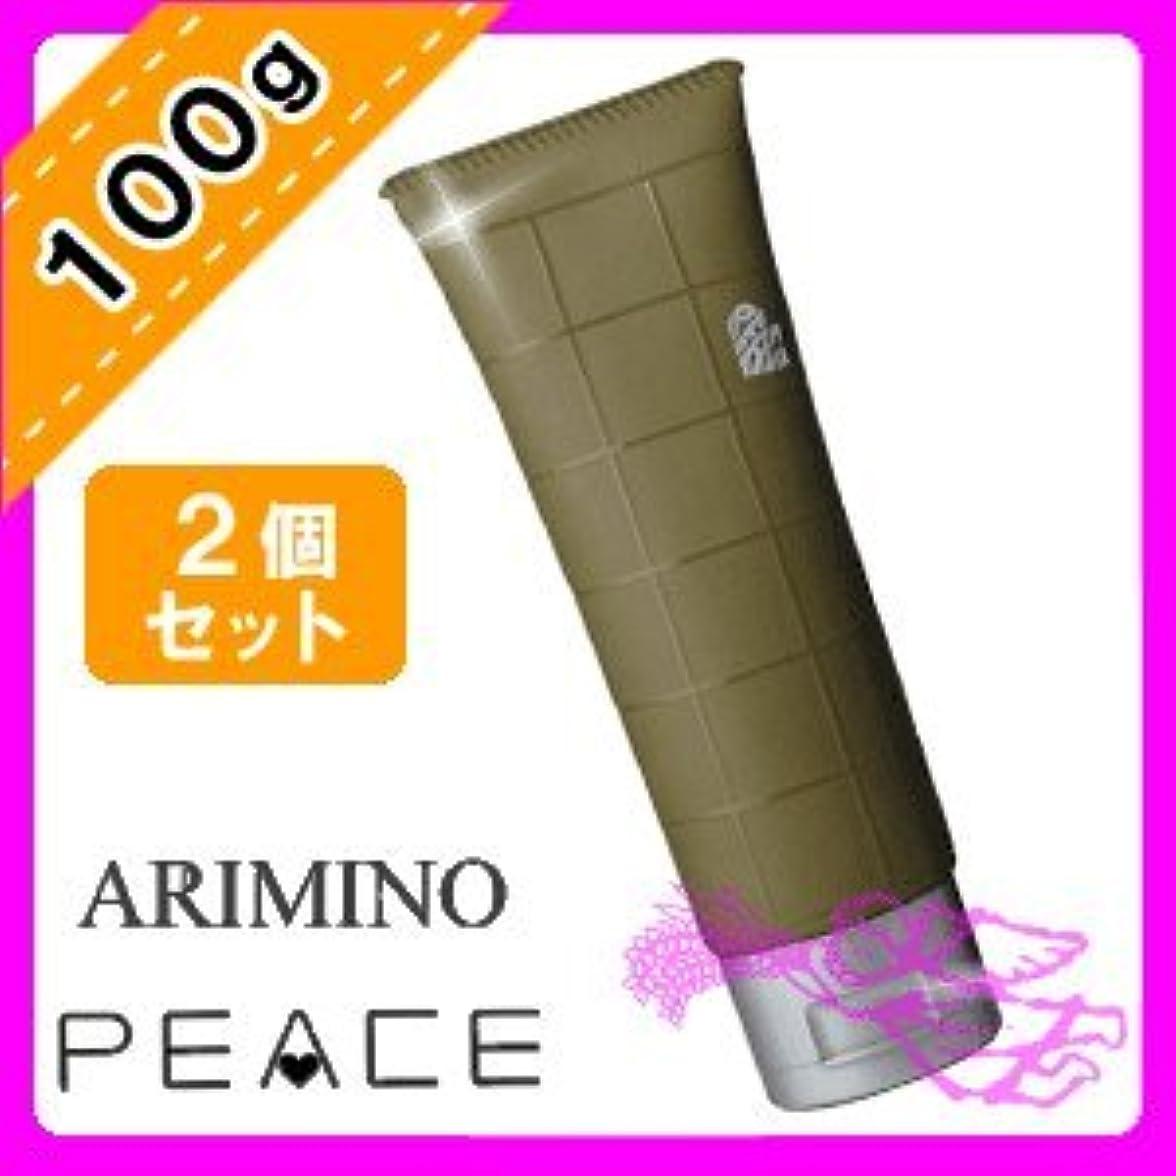 文マウンド解釈的アリミノ ピース ウェットオイル ワックス 100g ×2個セット arimino PEACE